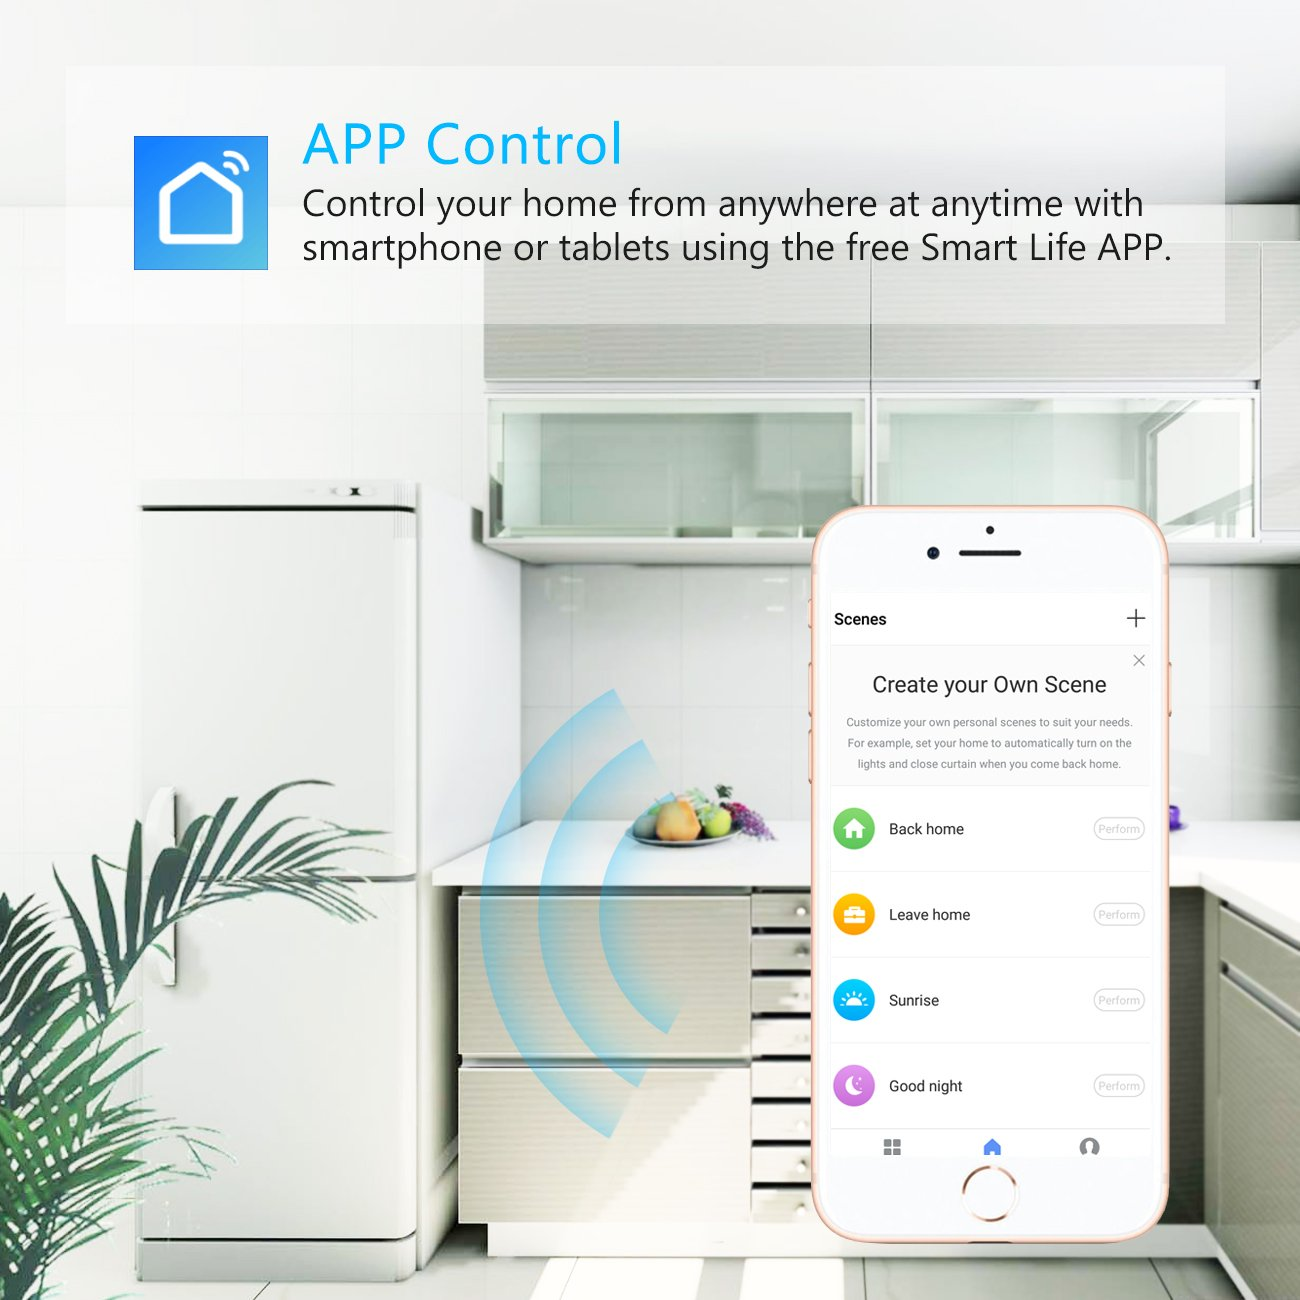 2X Prise Connectée Wi-FI, 2000W 10A Prise Intelligente Fonctionnant avec Amazon Alexa Google Home IFTTT Télécommande de Contrôle Port USB Fonction Timer et Application de Contrôle